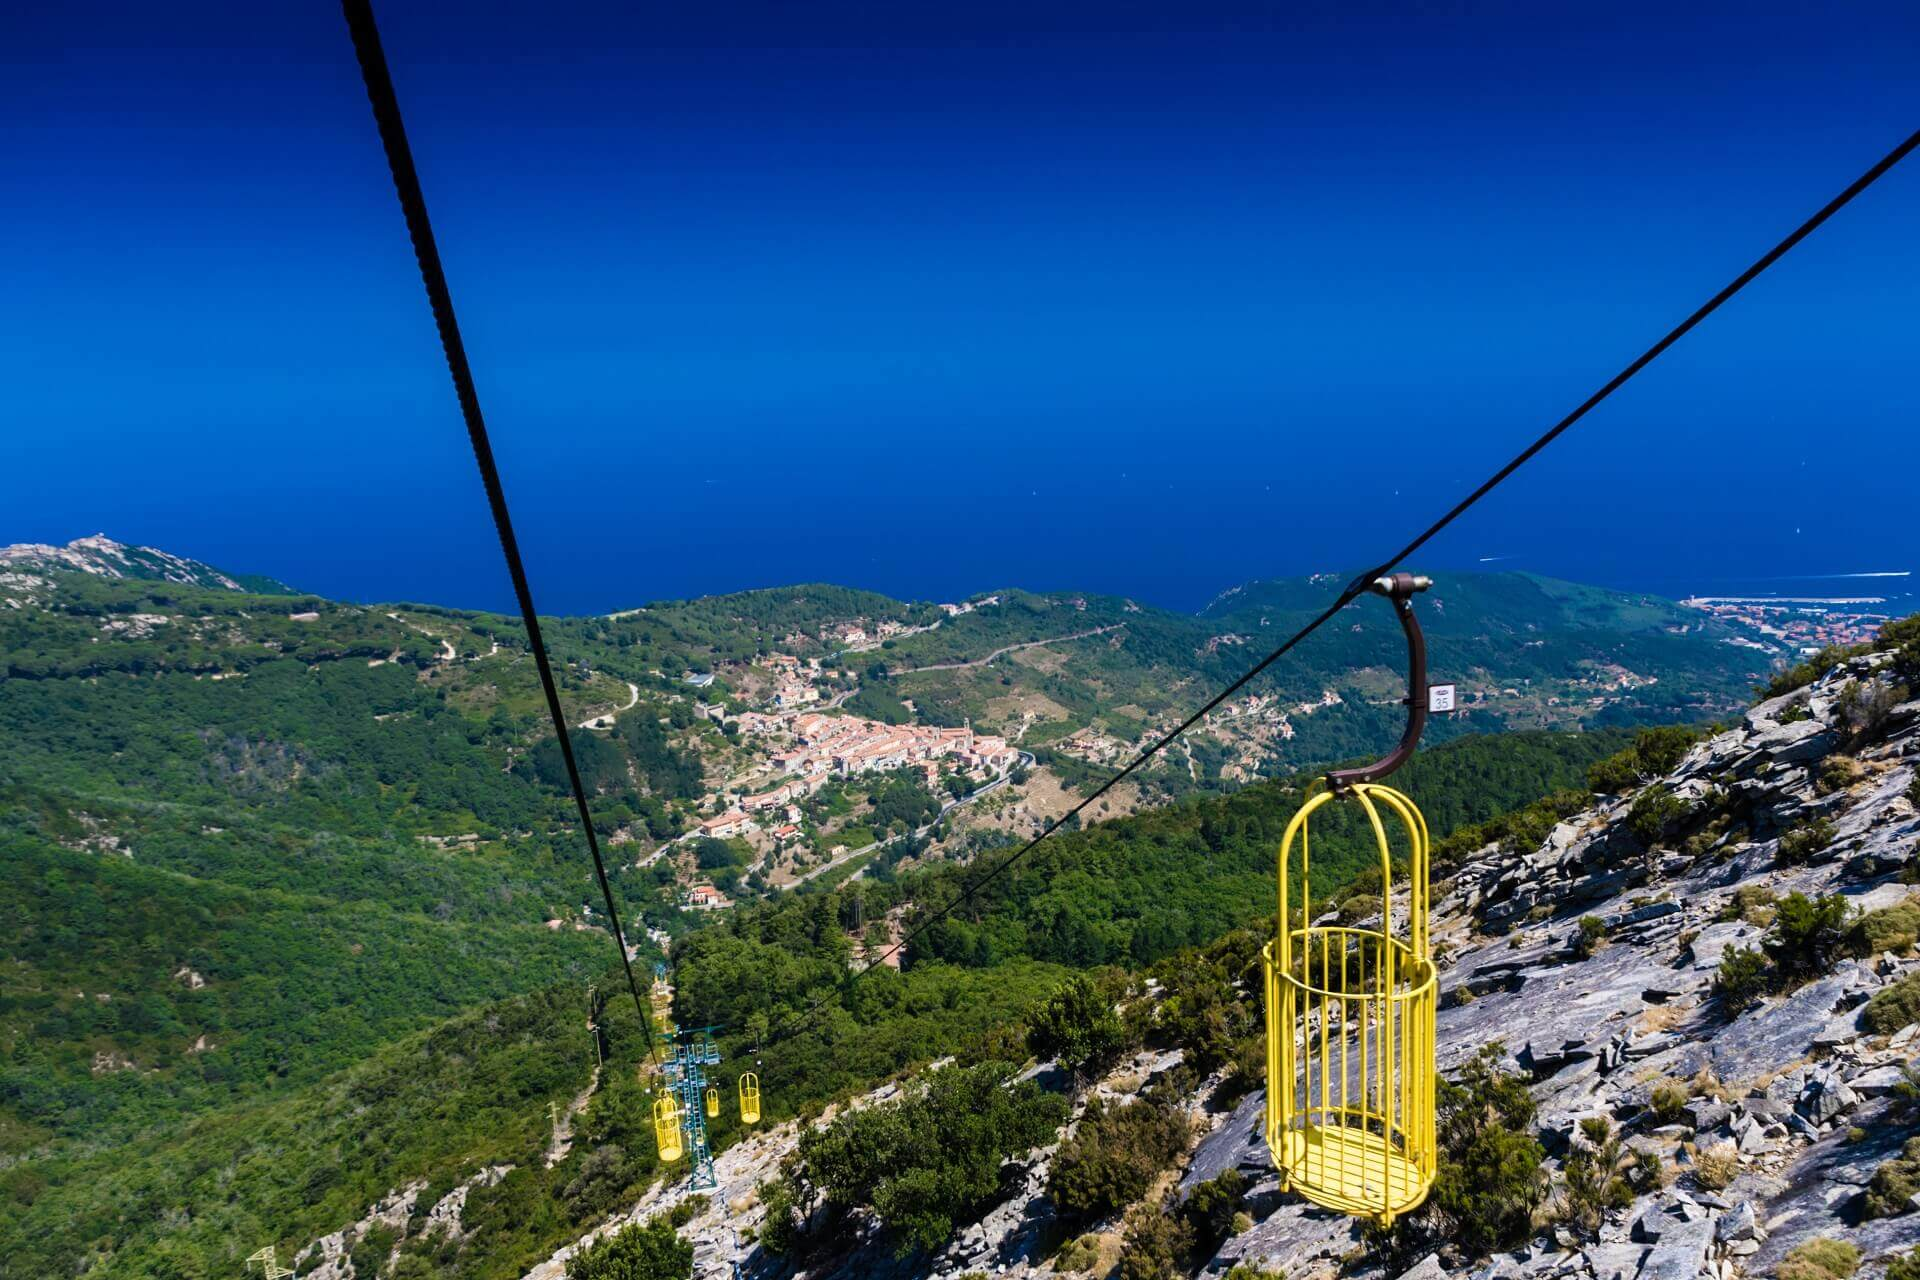 Die Kabelbahn auf den Berg von Elba ist ein echtes Highlight